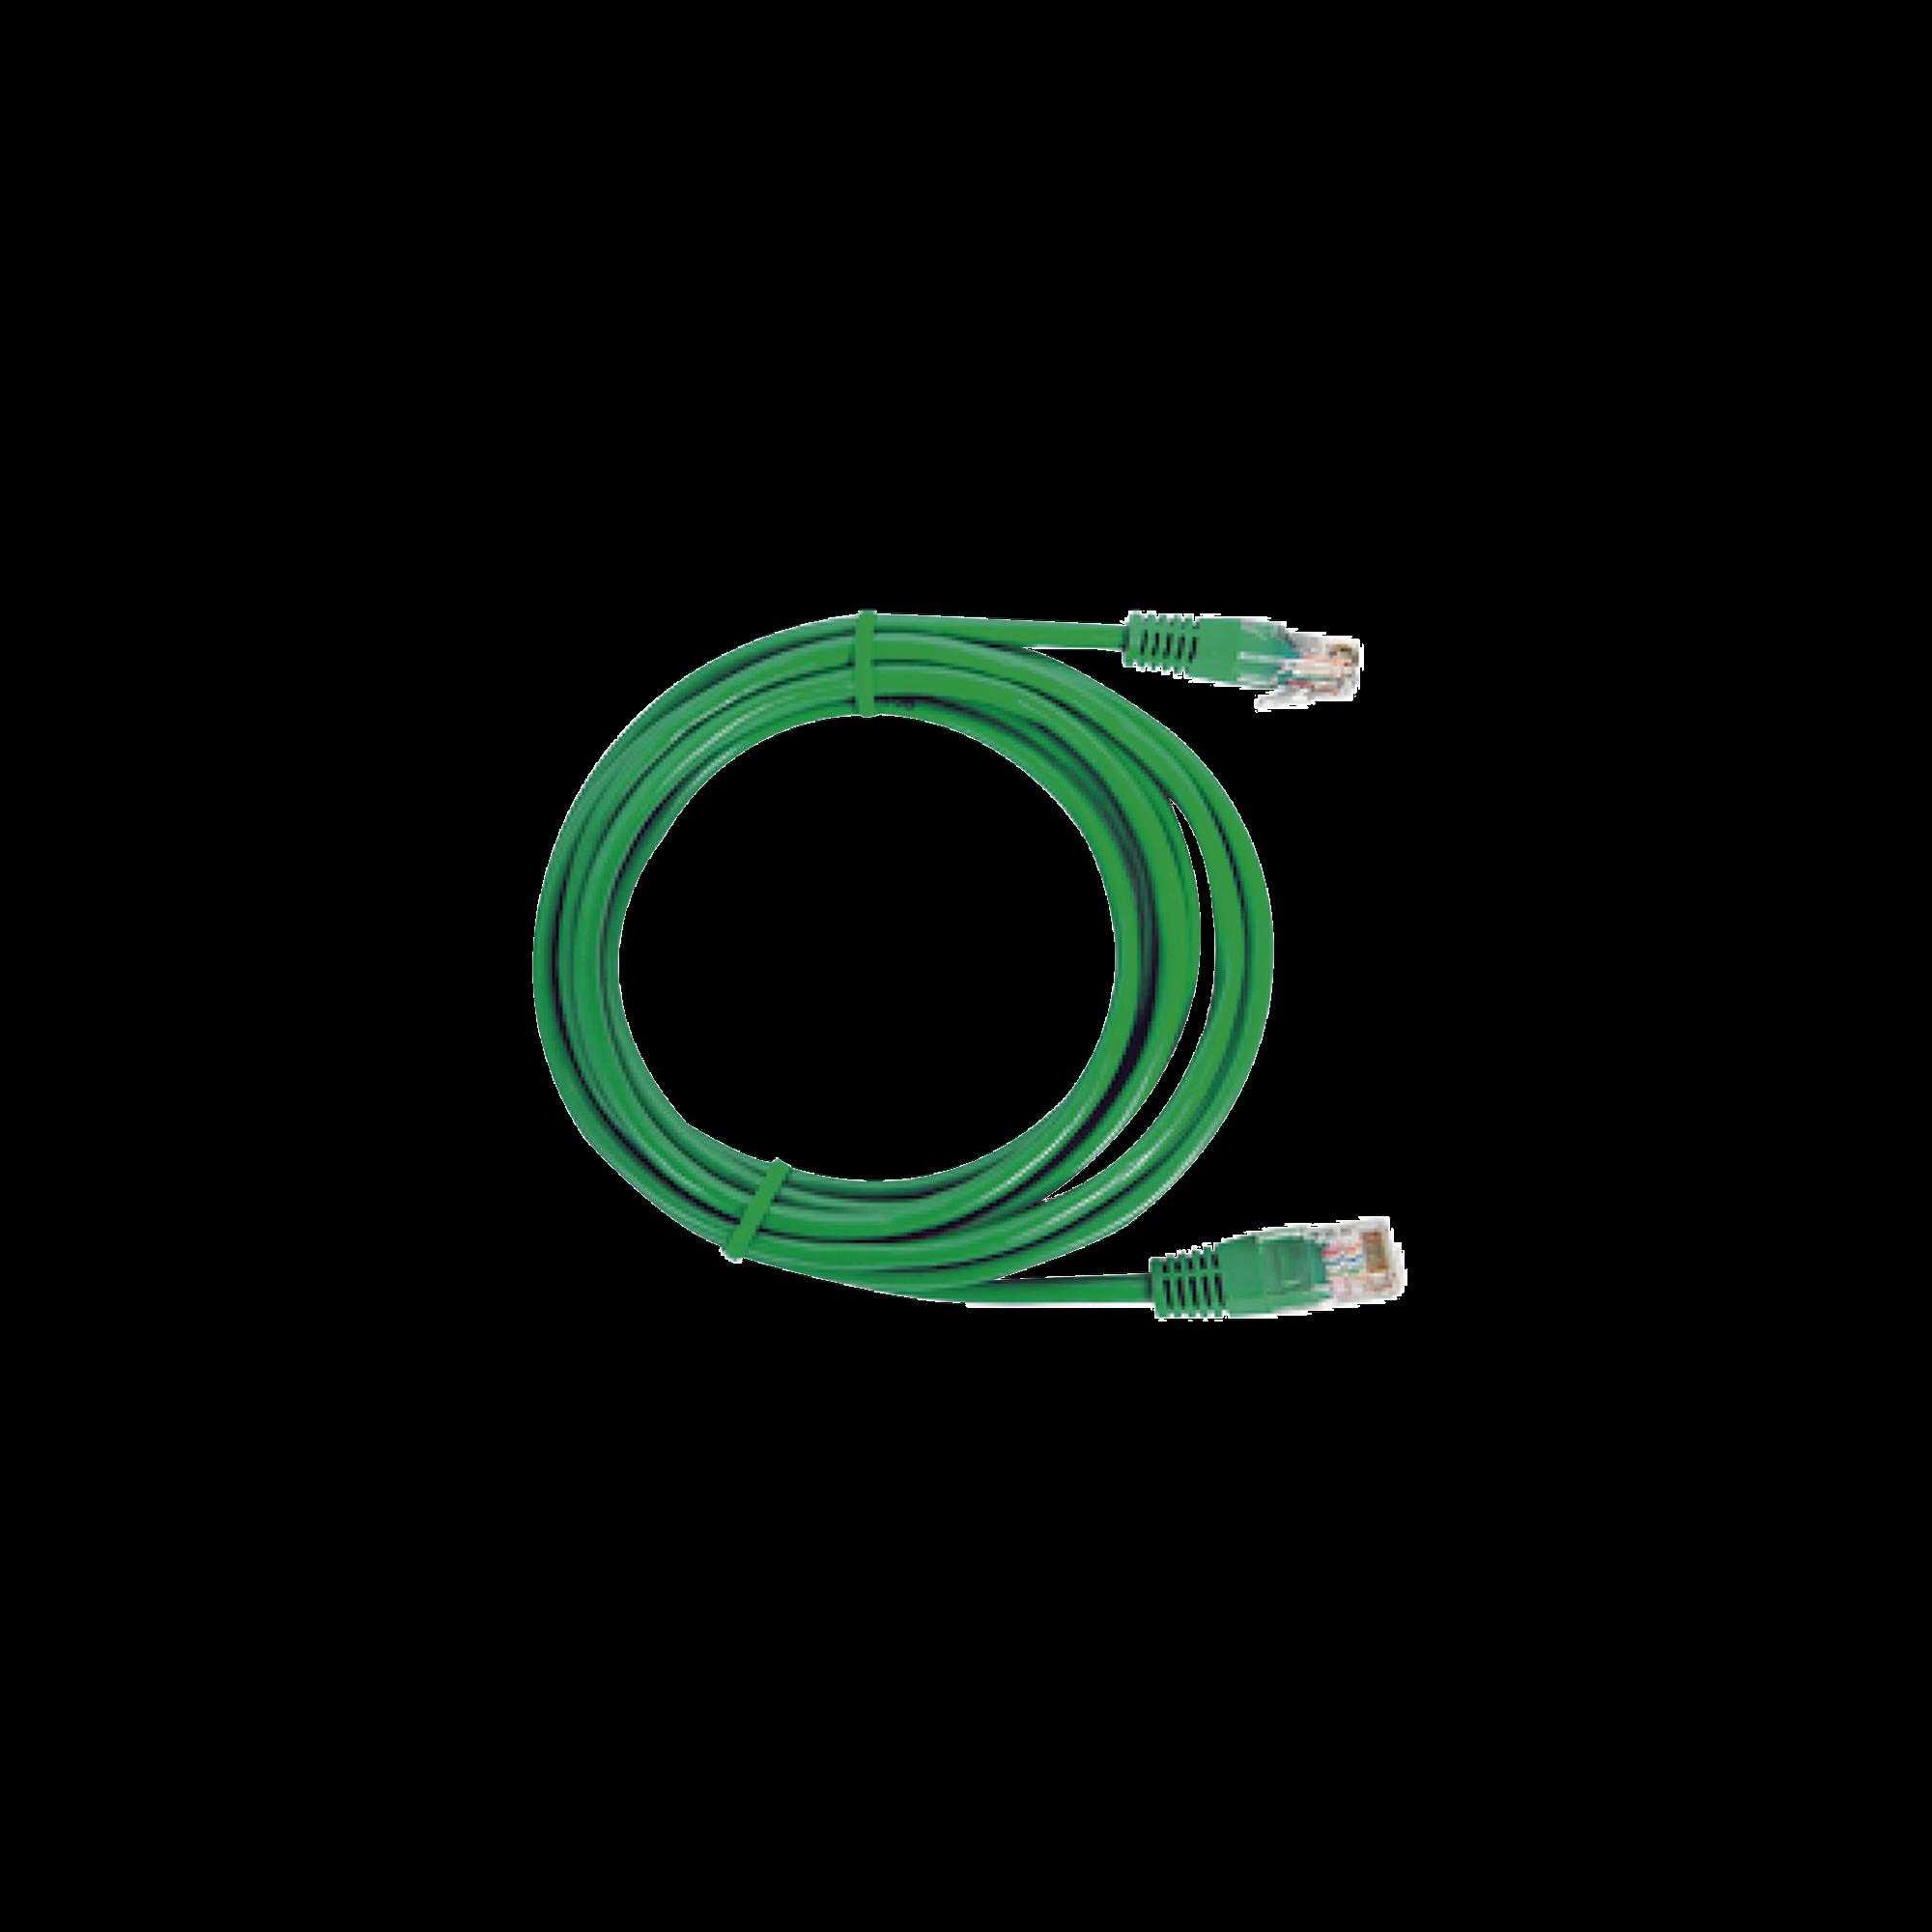 Cable de parcheo UTP Cat6 - 1 m ( 3.28 Pies ) - Verde